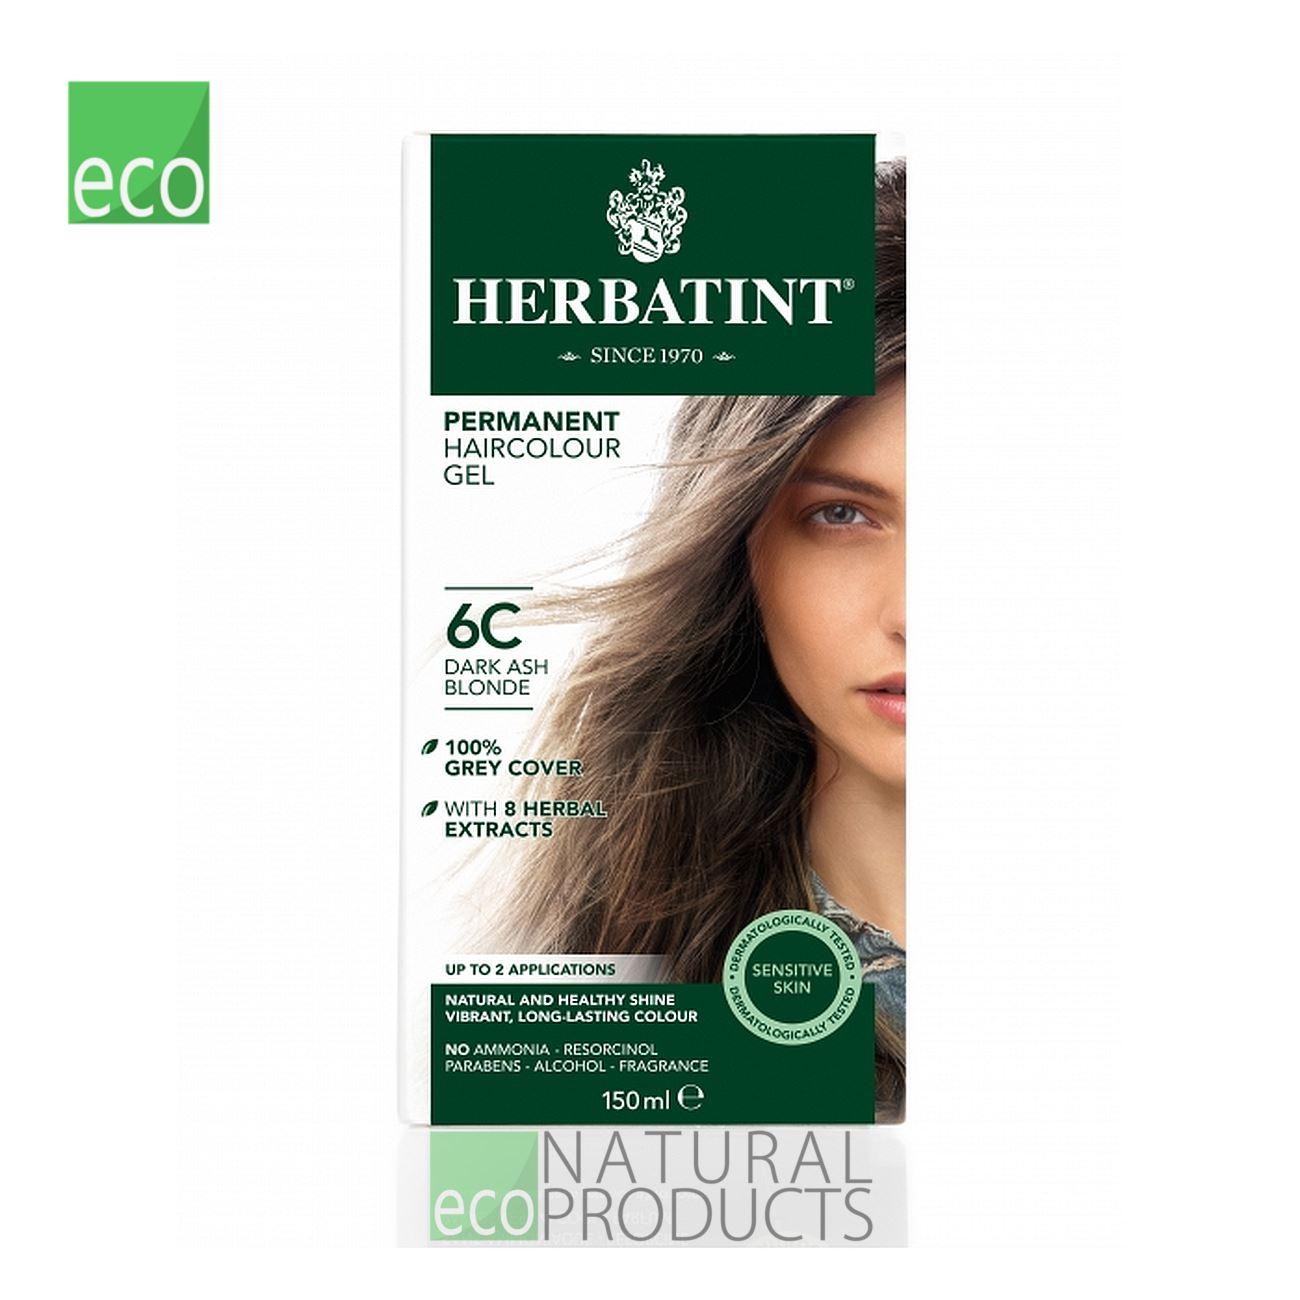 Herbatint natürliche Haarfarbe Dark Ash Blonde 18C 18ml   eBay